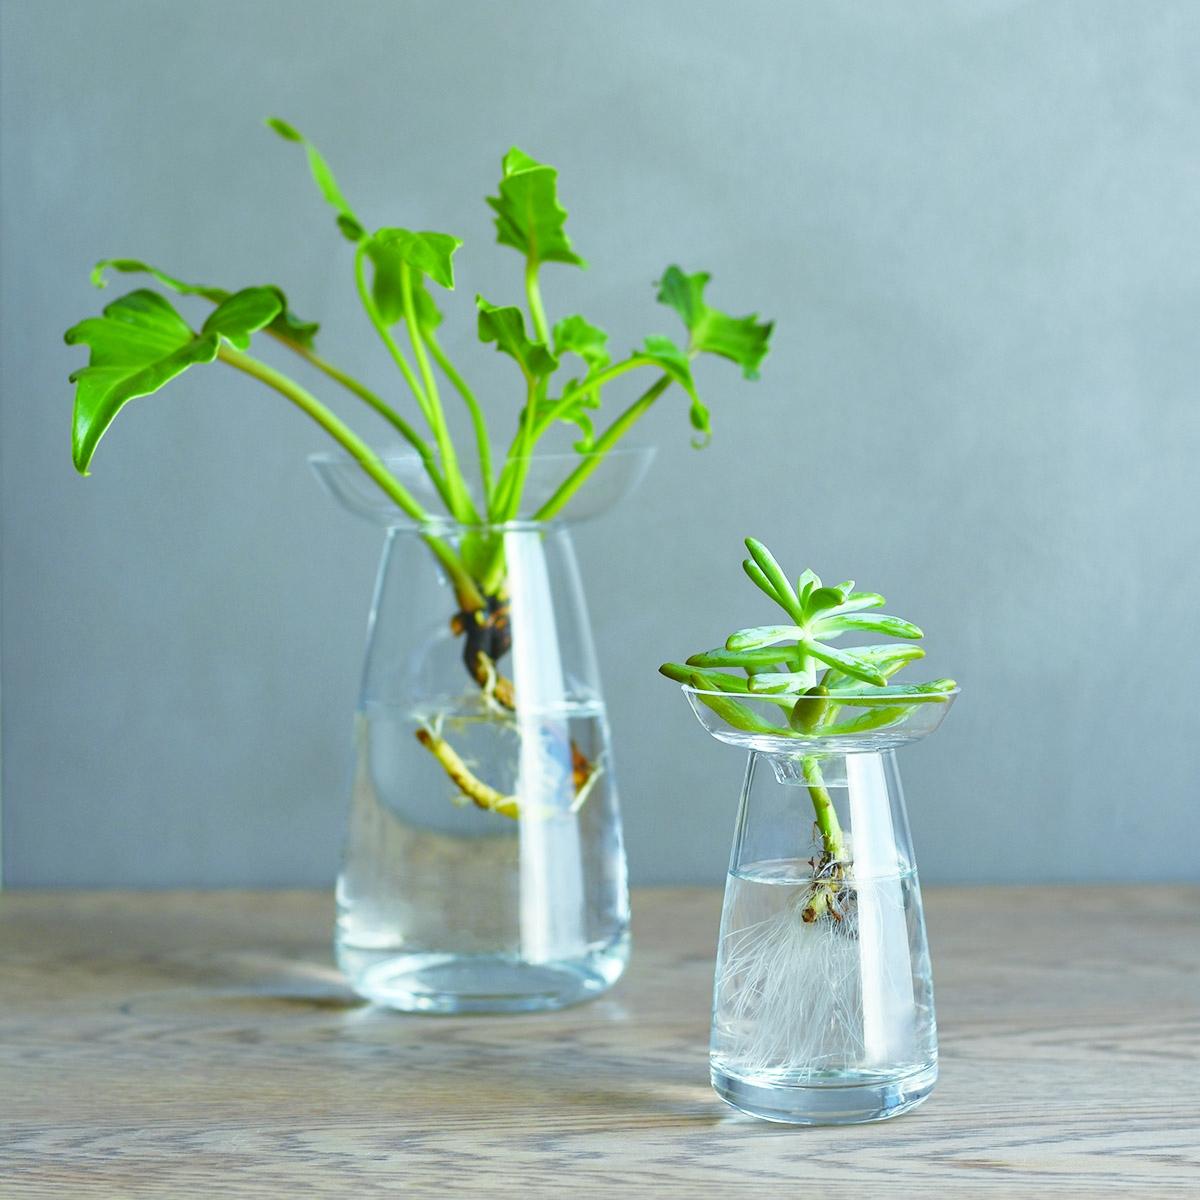 plante grasse hydroponie